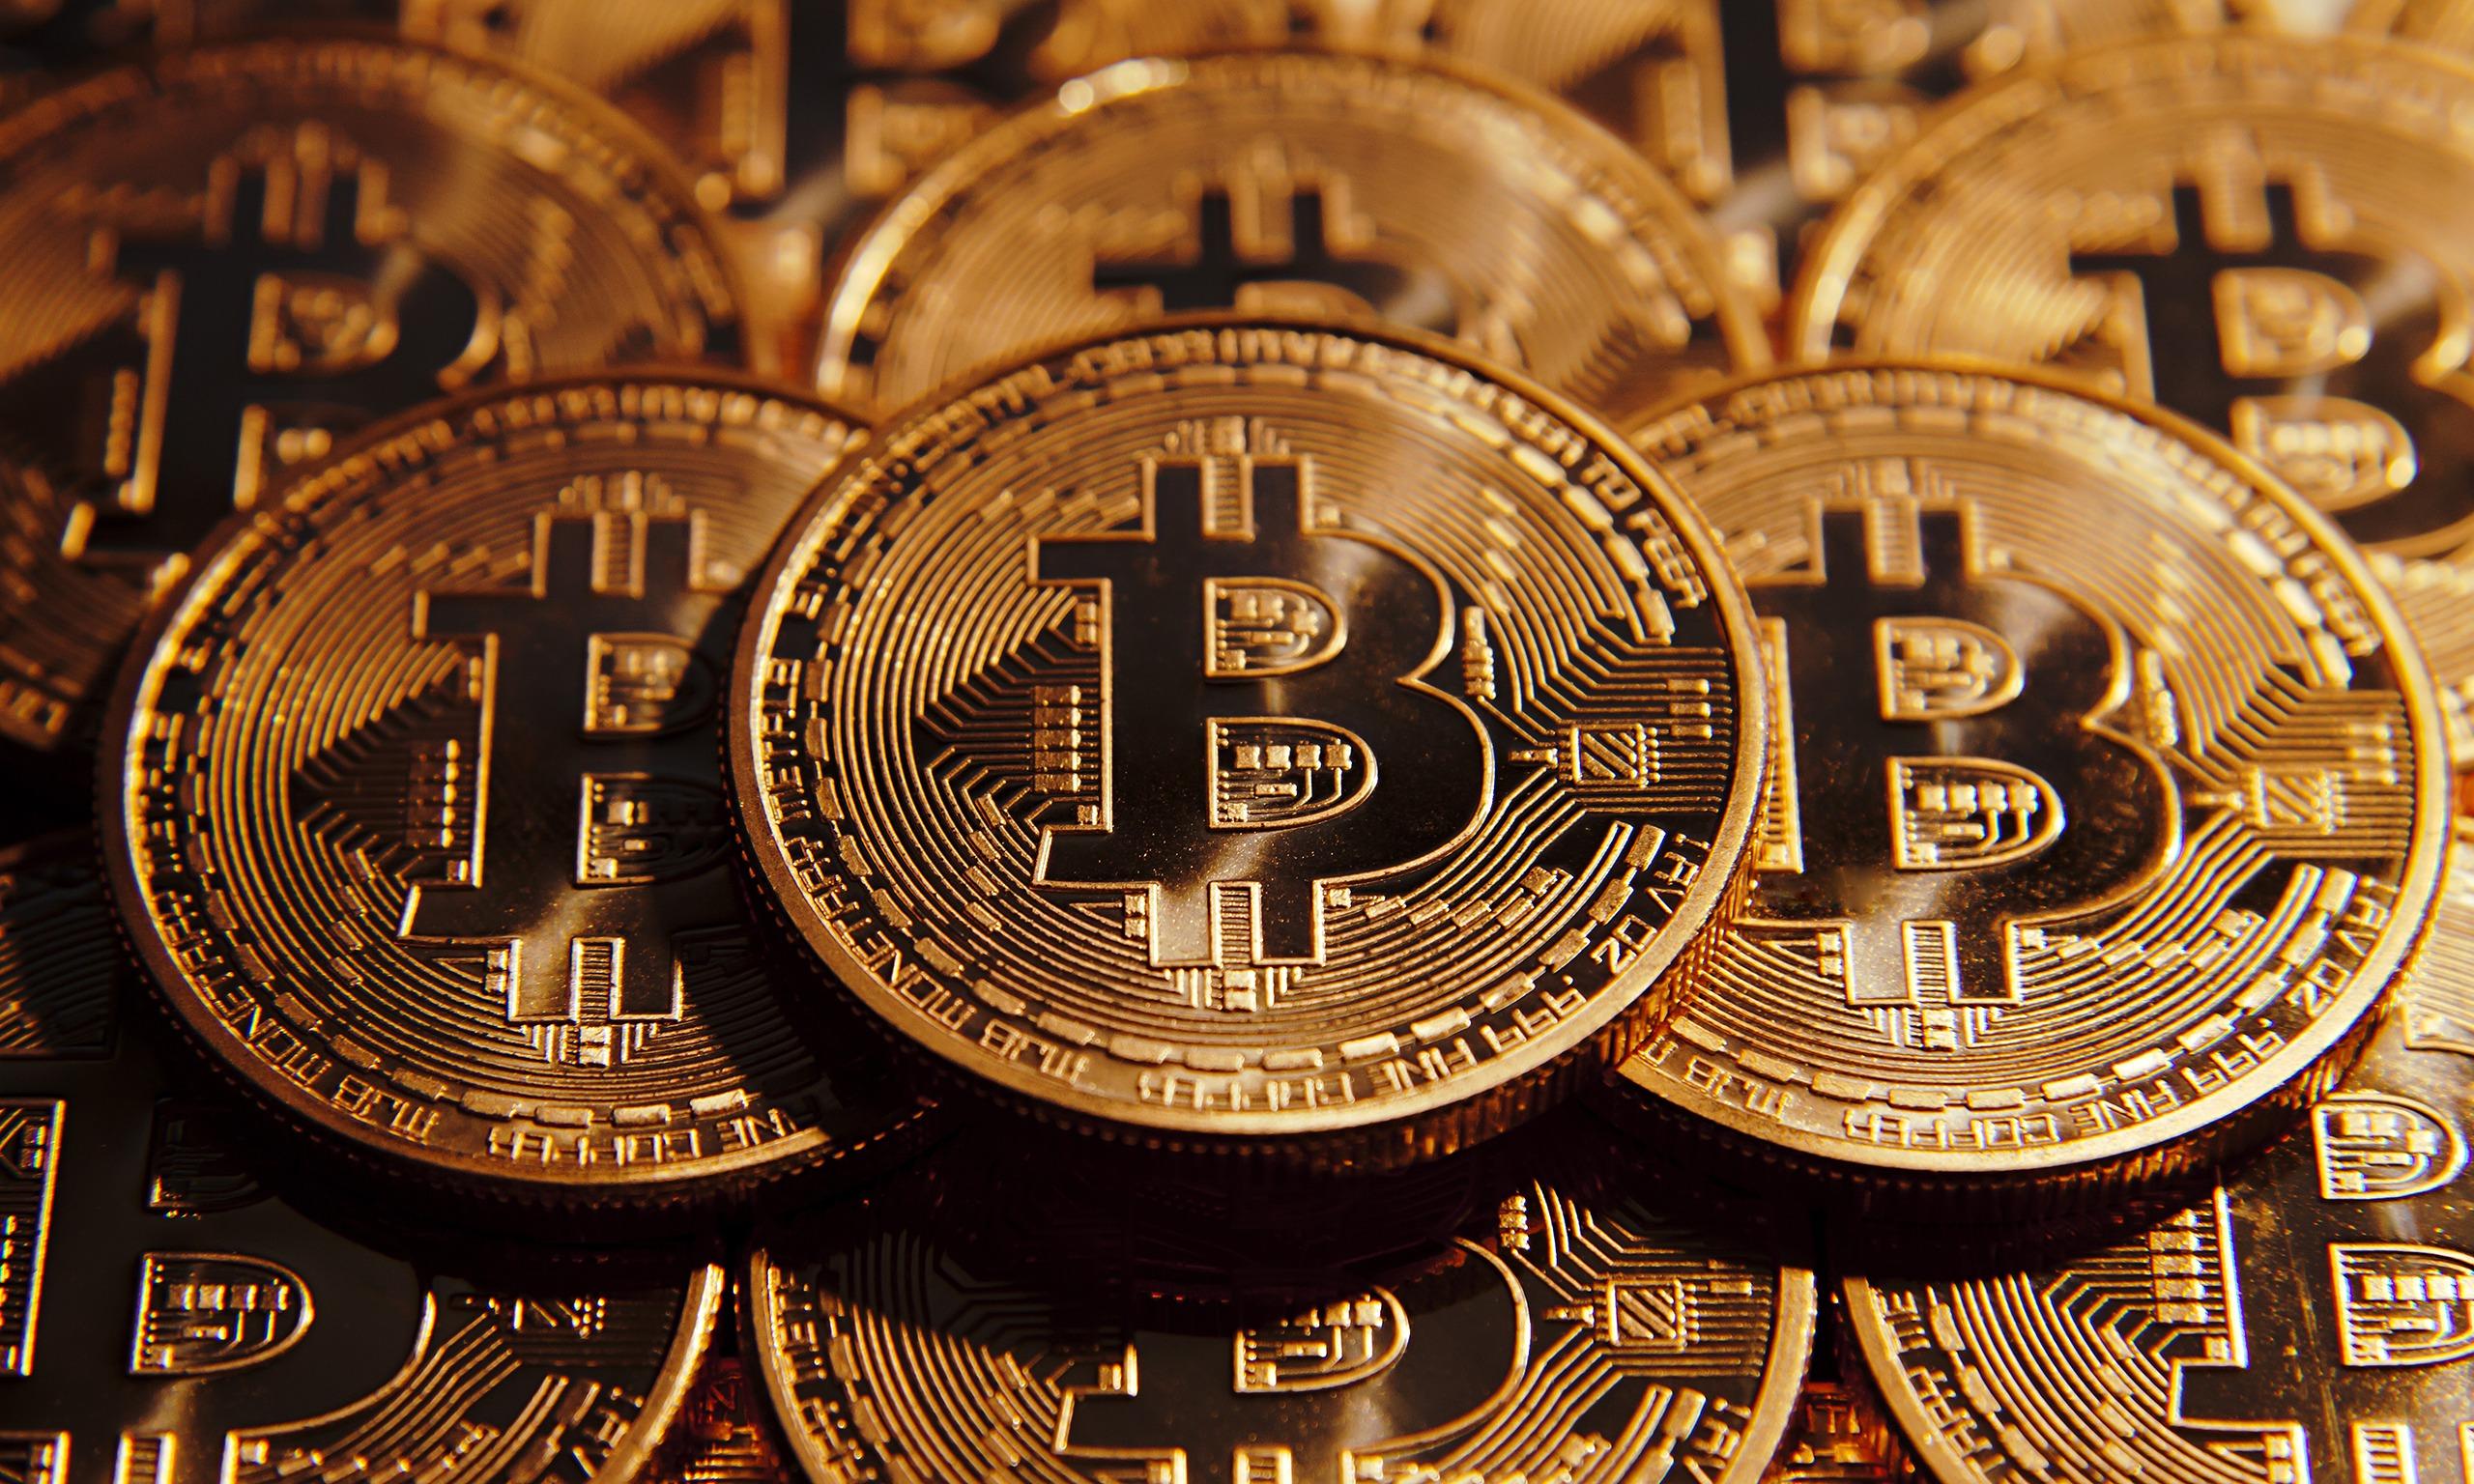 Эксперт: Цена биткоина значительно увеличится в ближайшем будущем